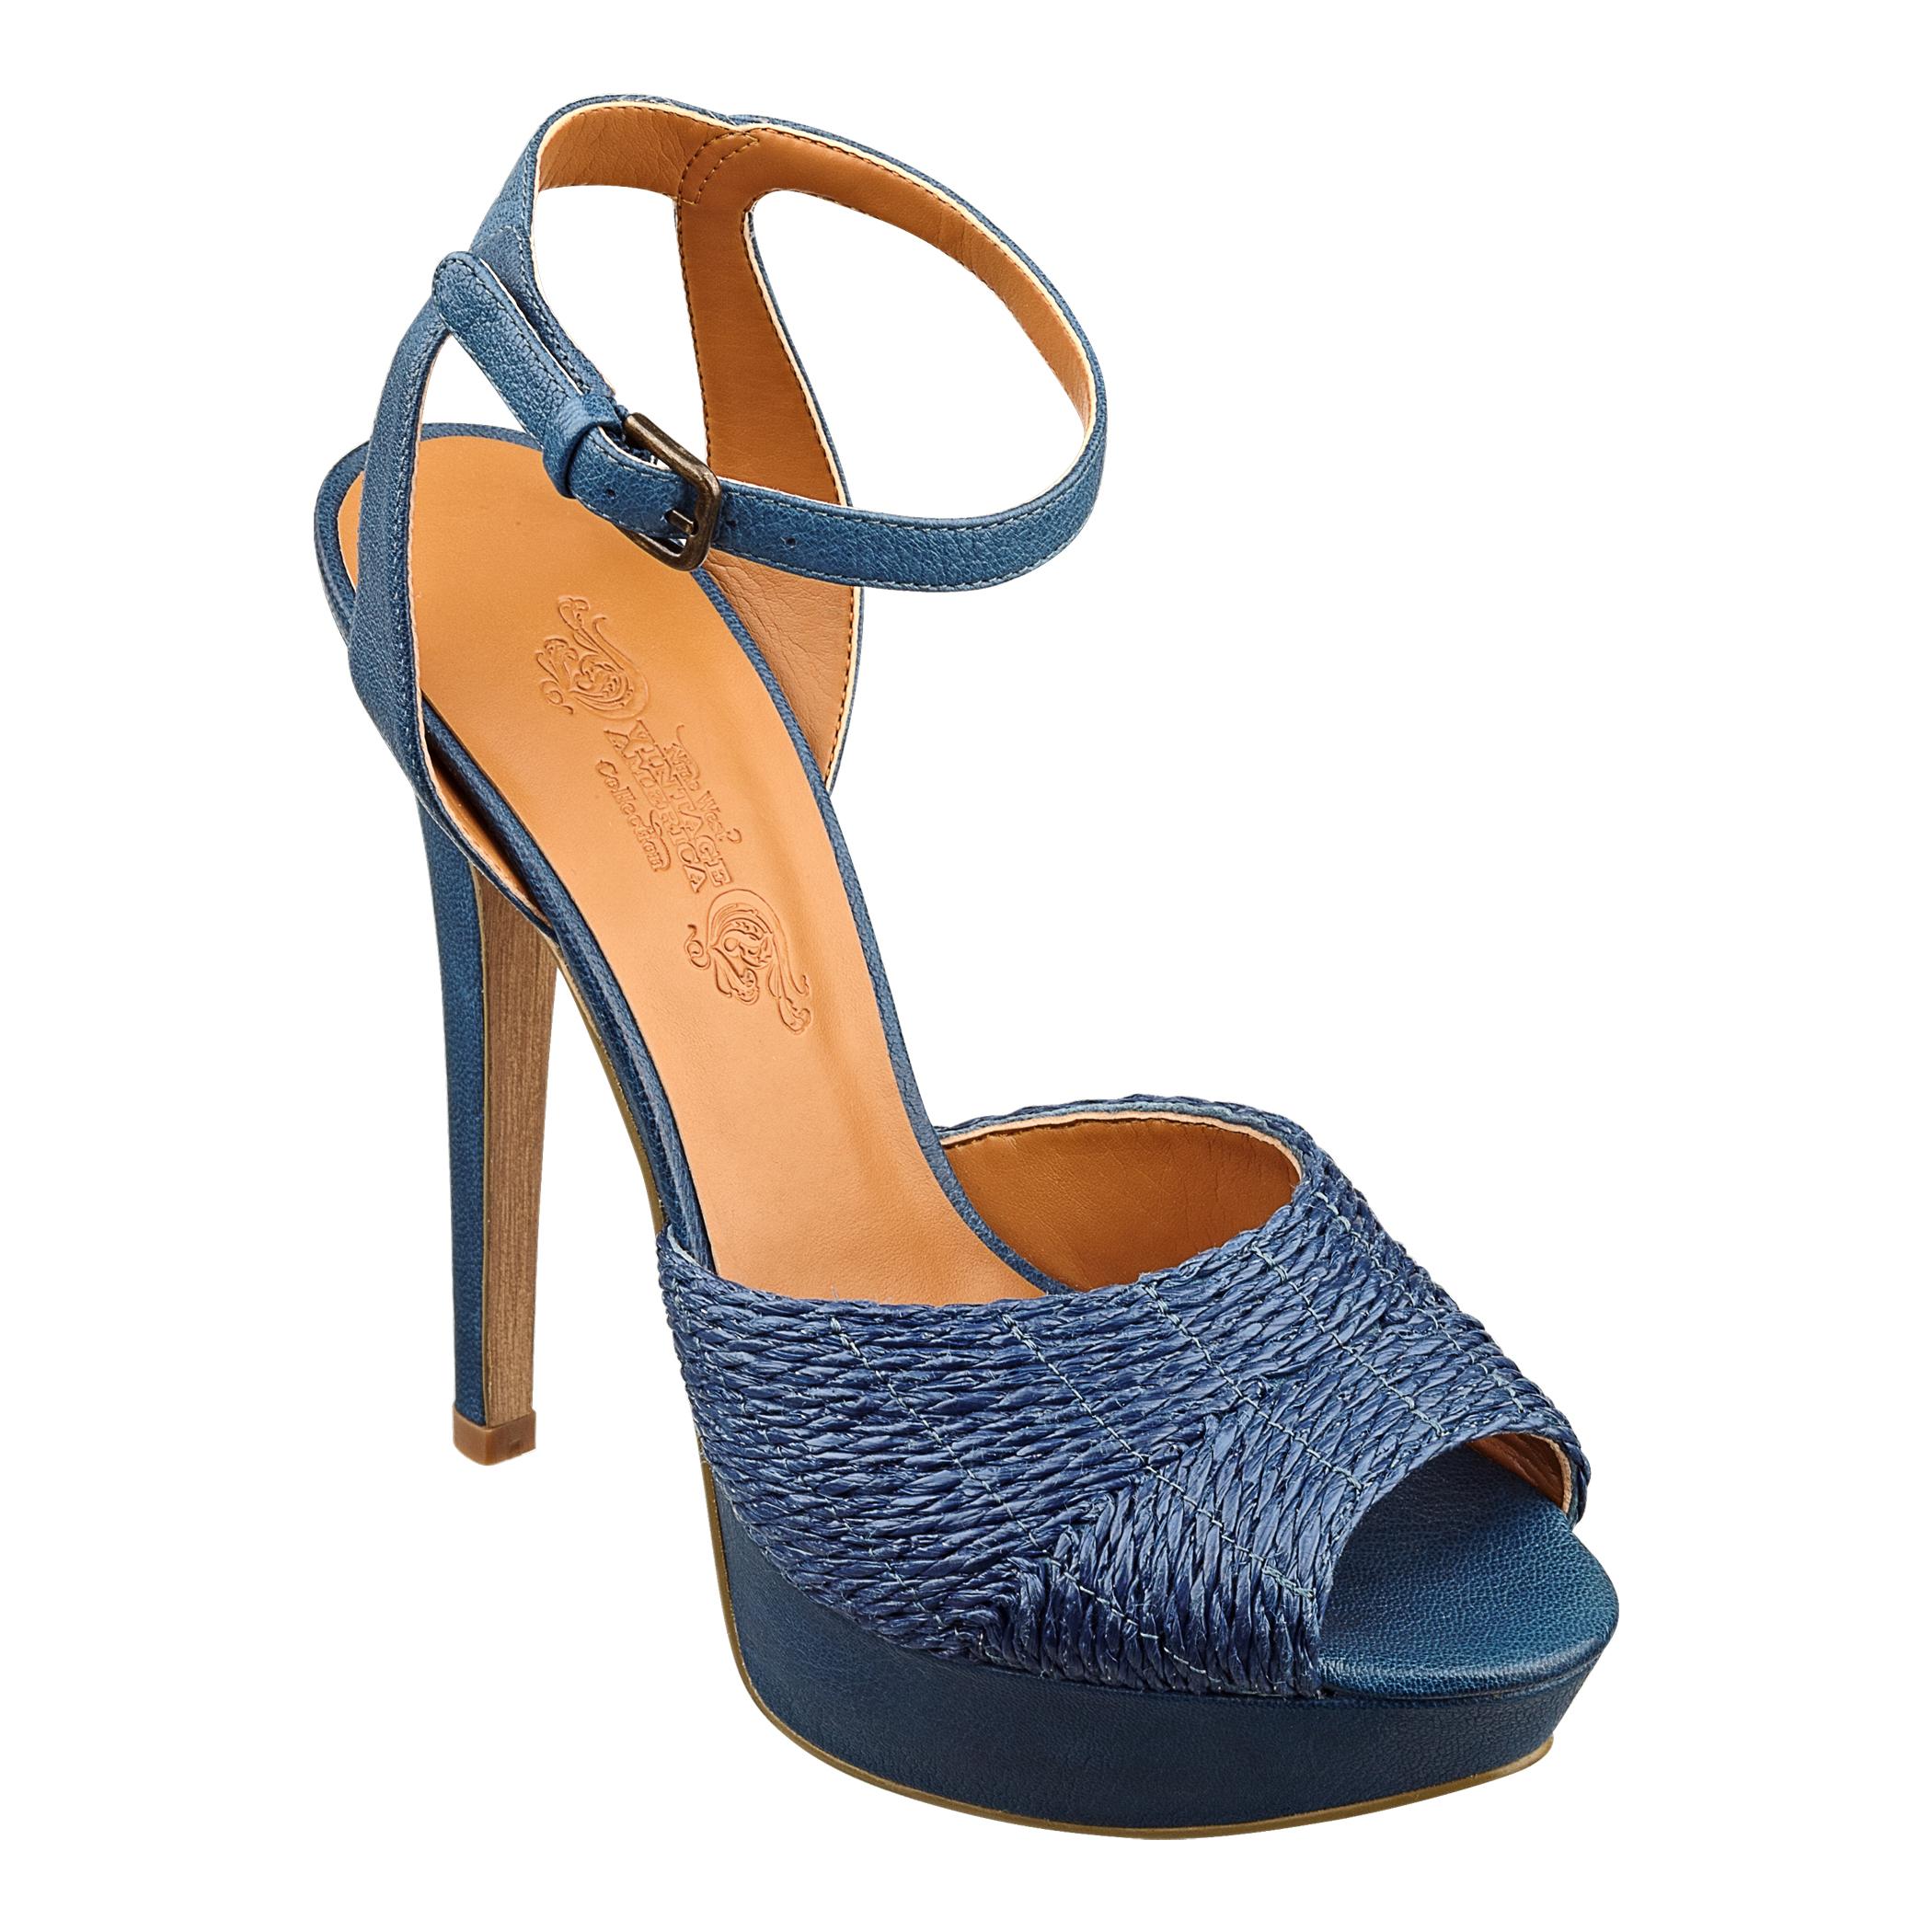 Nine West: Shoes > Sandals > Bezel